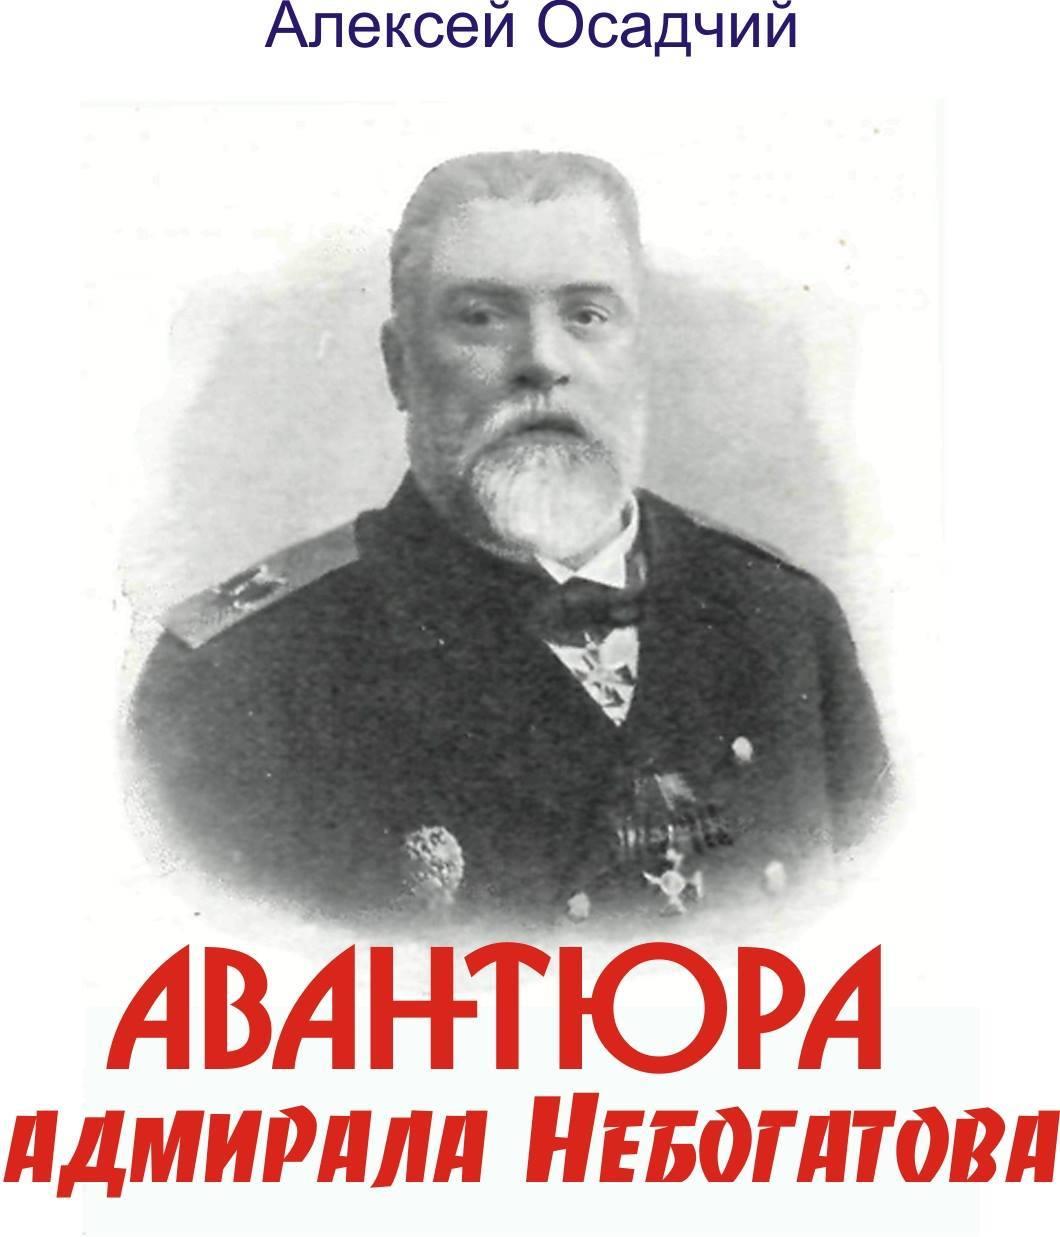 Алексей Осадчий - Авантюра адмирала Небогатова